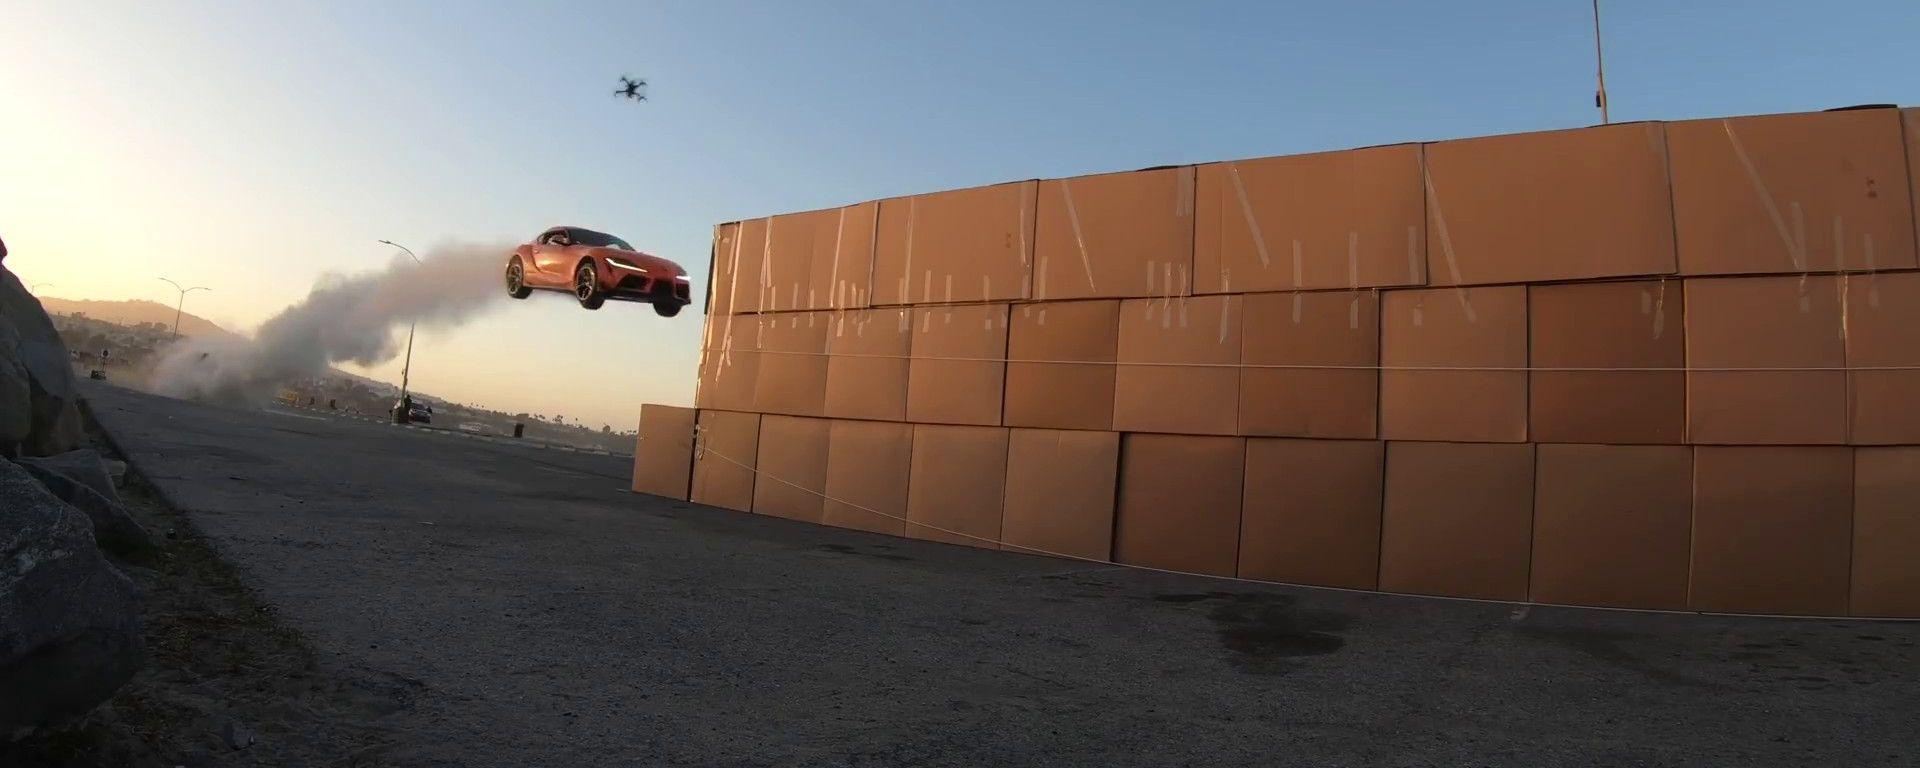 Niente rampe di atterraggio per il salto della Toyota GR Supra nel video The Pitch